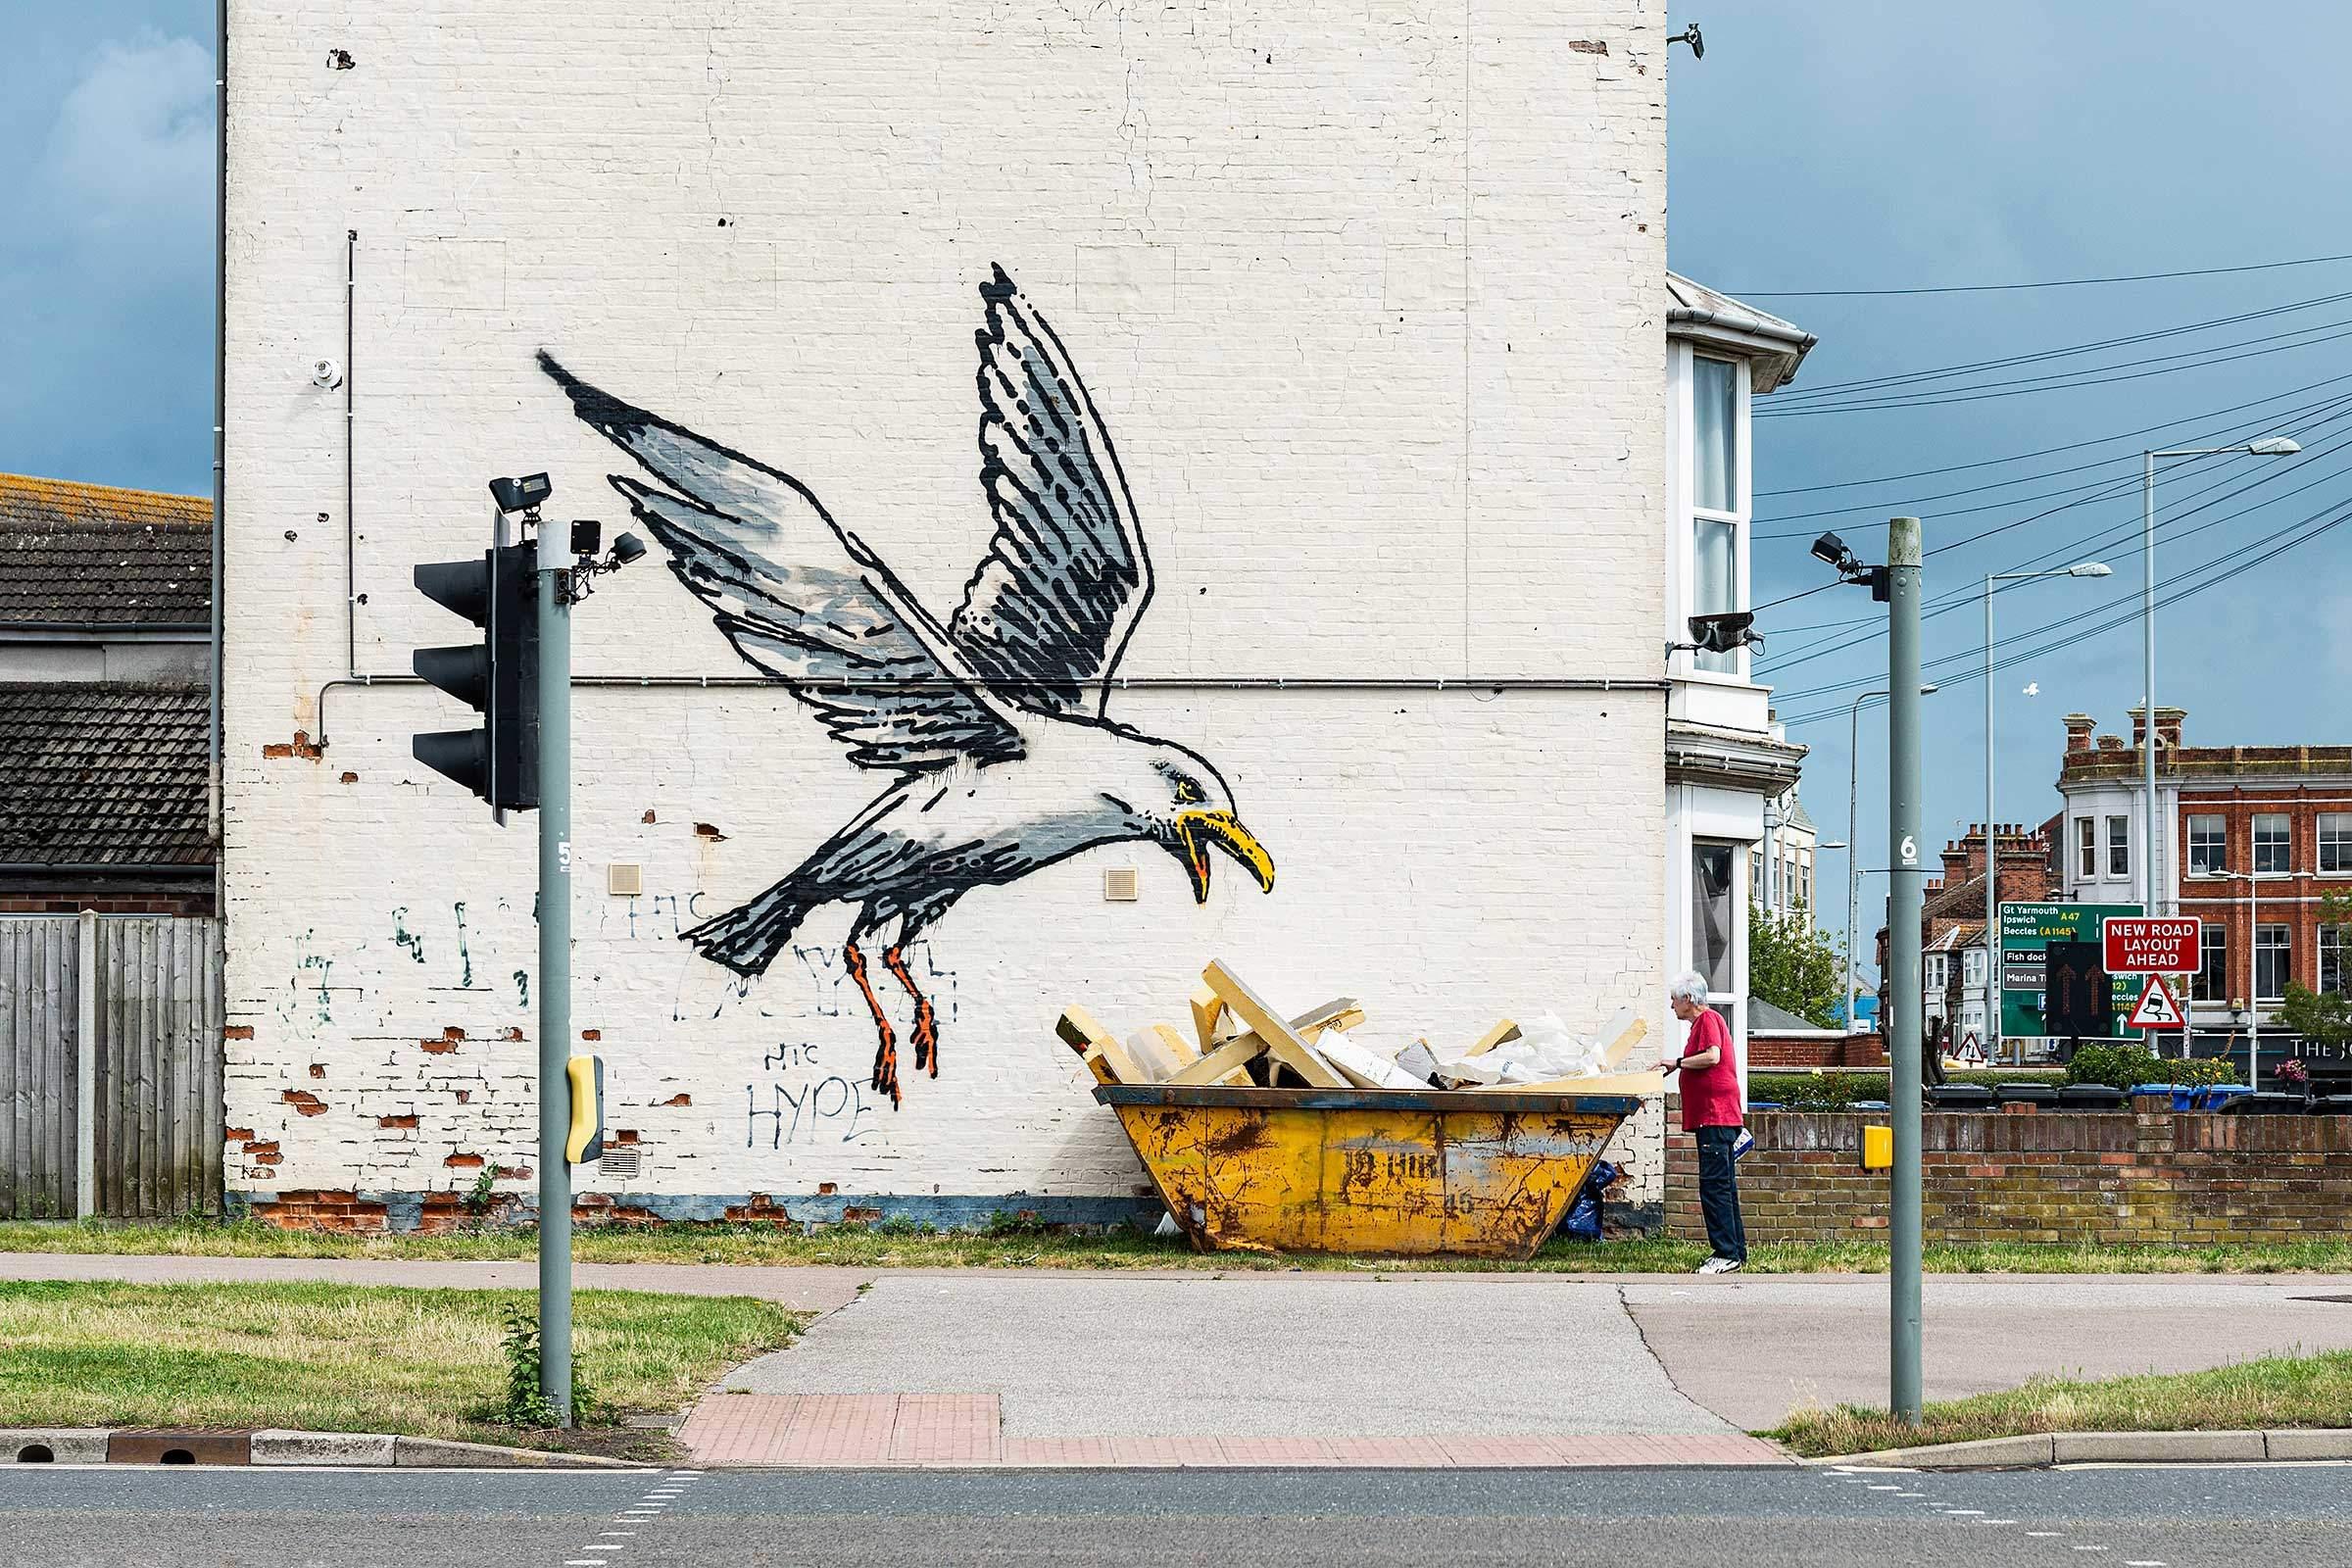 Вісім графіті та одна інсталяція: Бенксі представив нові роботи